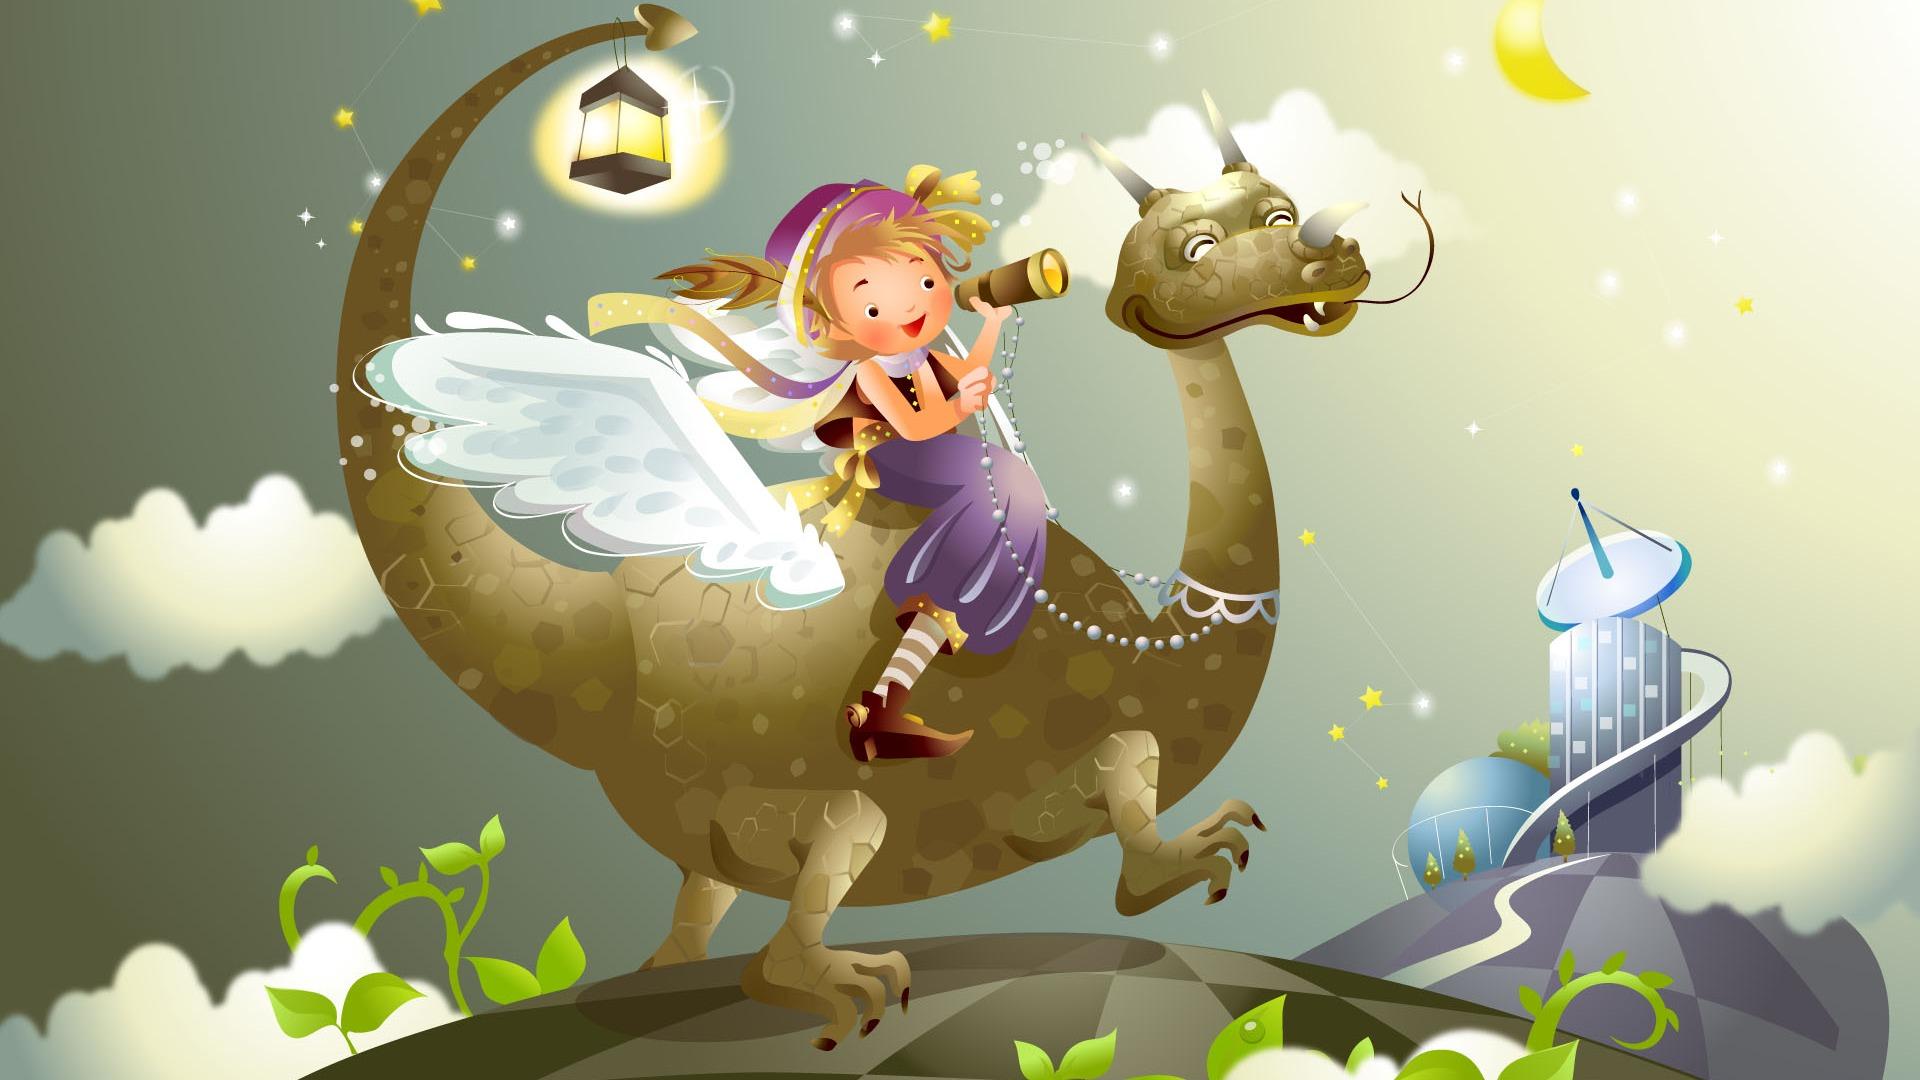 fairy tales vector wallpaper (2) #19 - 1920x1080 wallpaper download